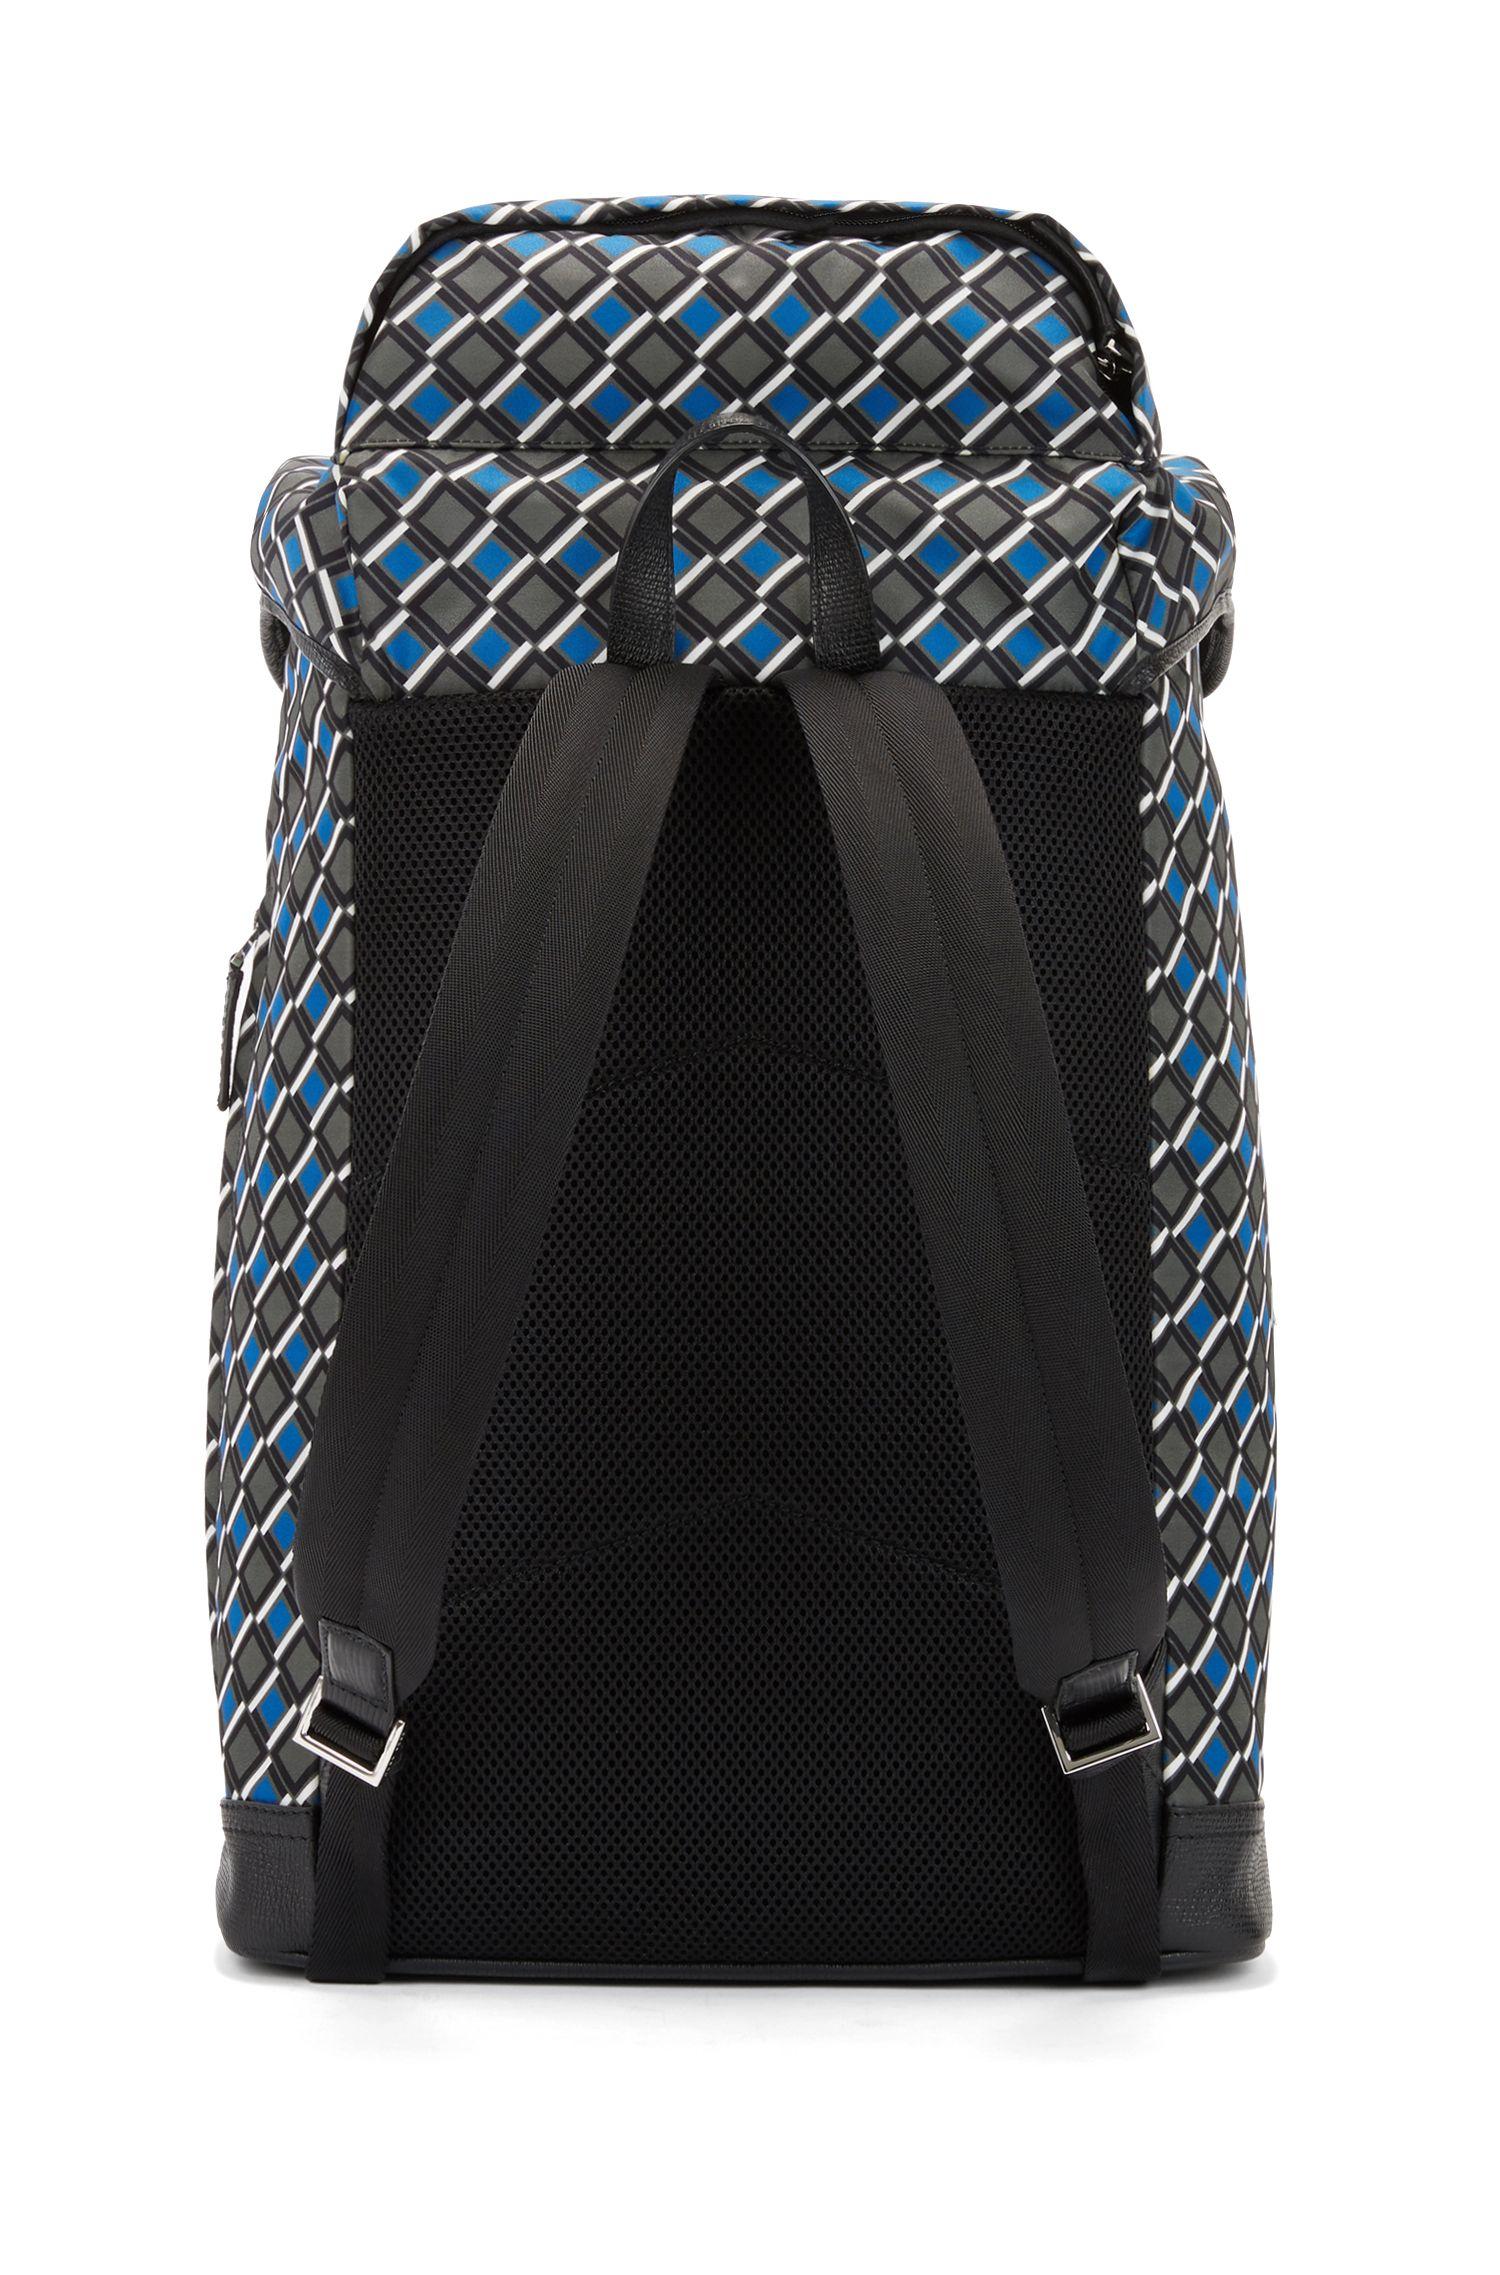 Bedruckter Rucksack aus Nylon-Gabardine mit Lederbesatz, Gemustert